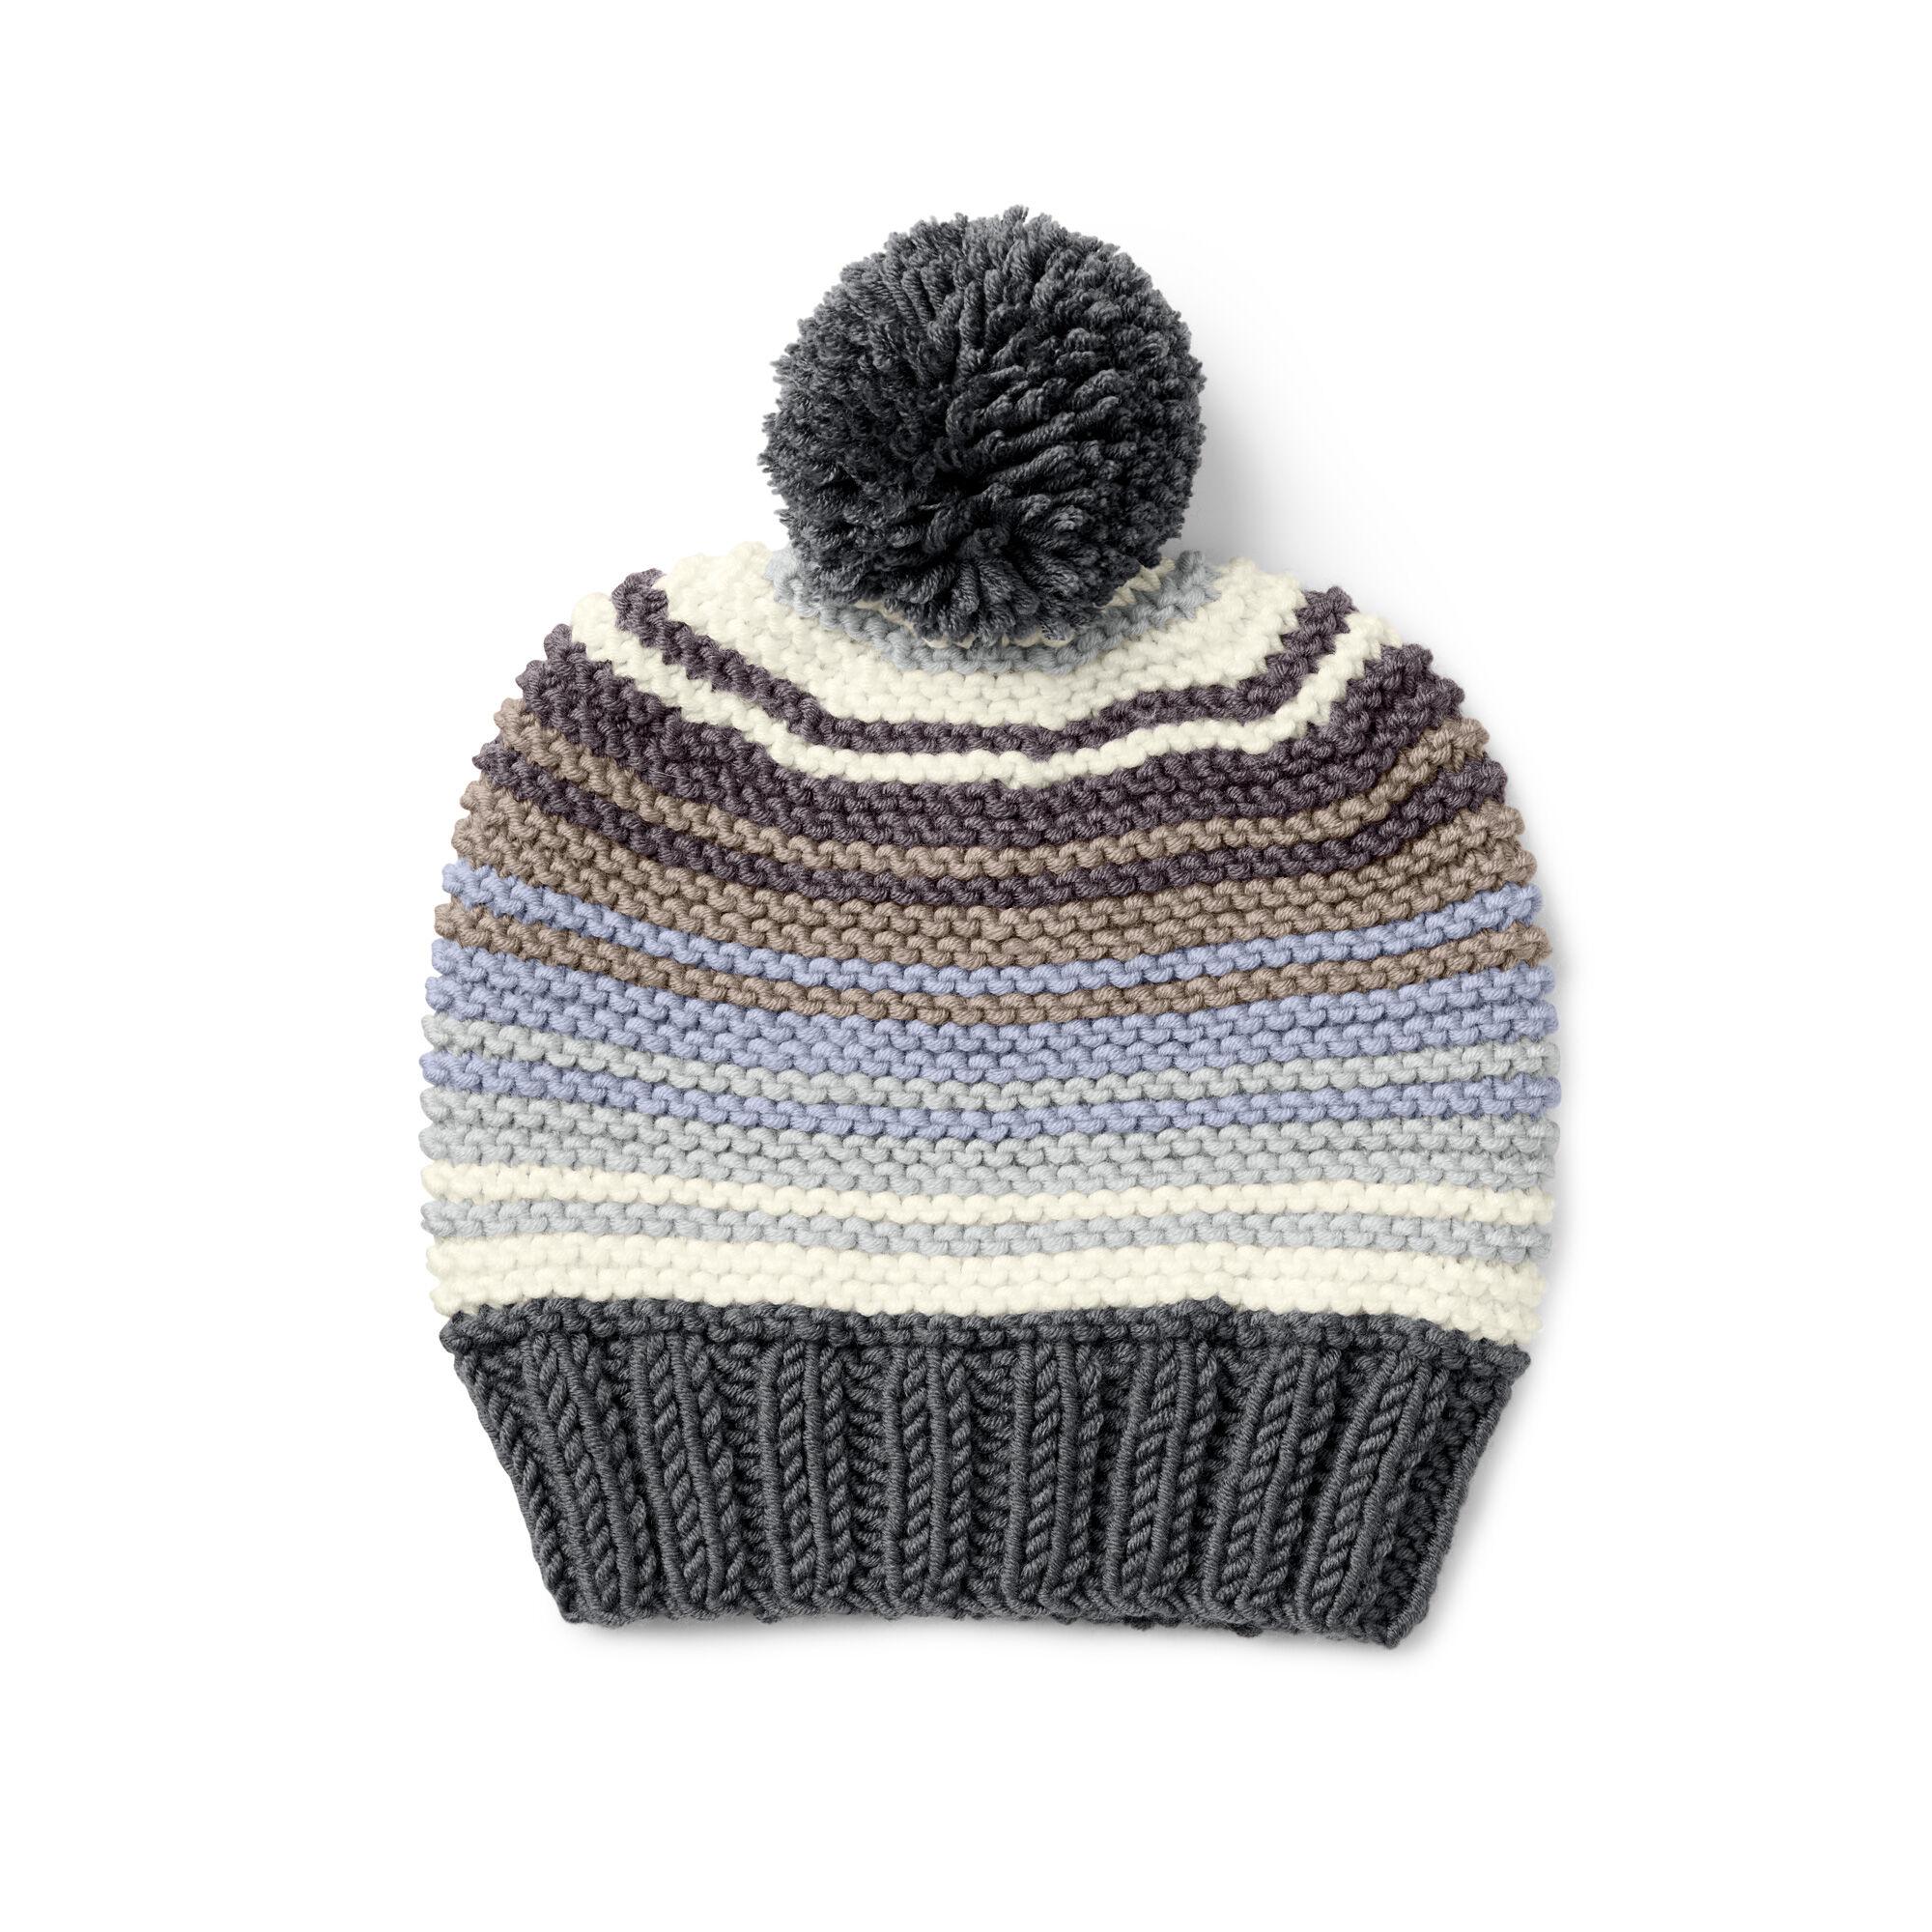 Caron x Pantone Garter Stitch Knit Hat Free Pattern  2379266a13d